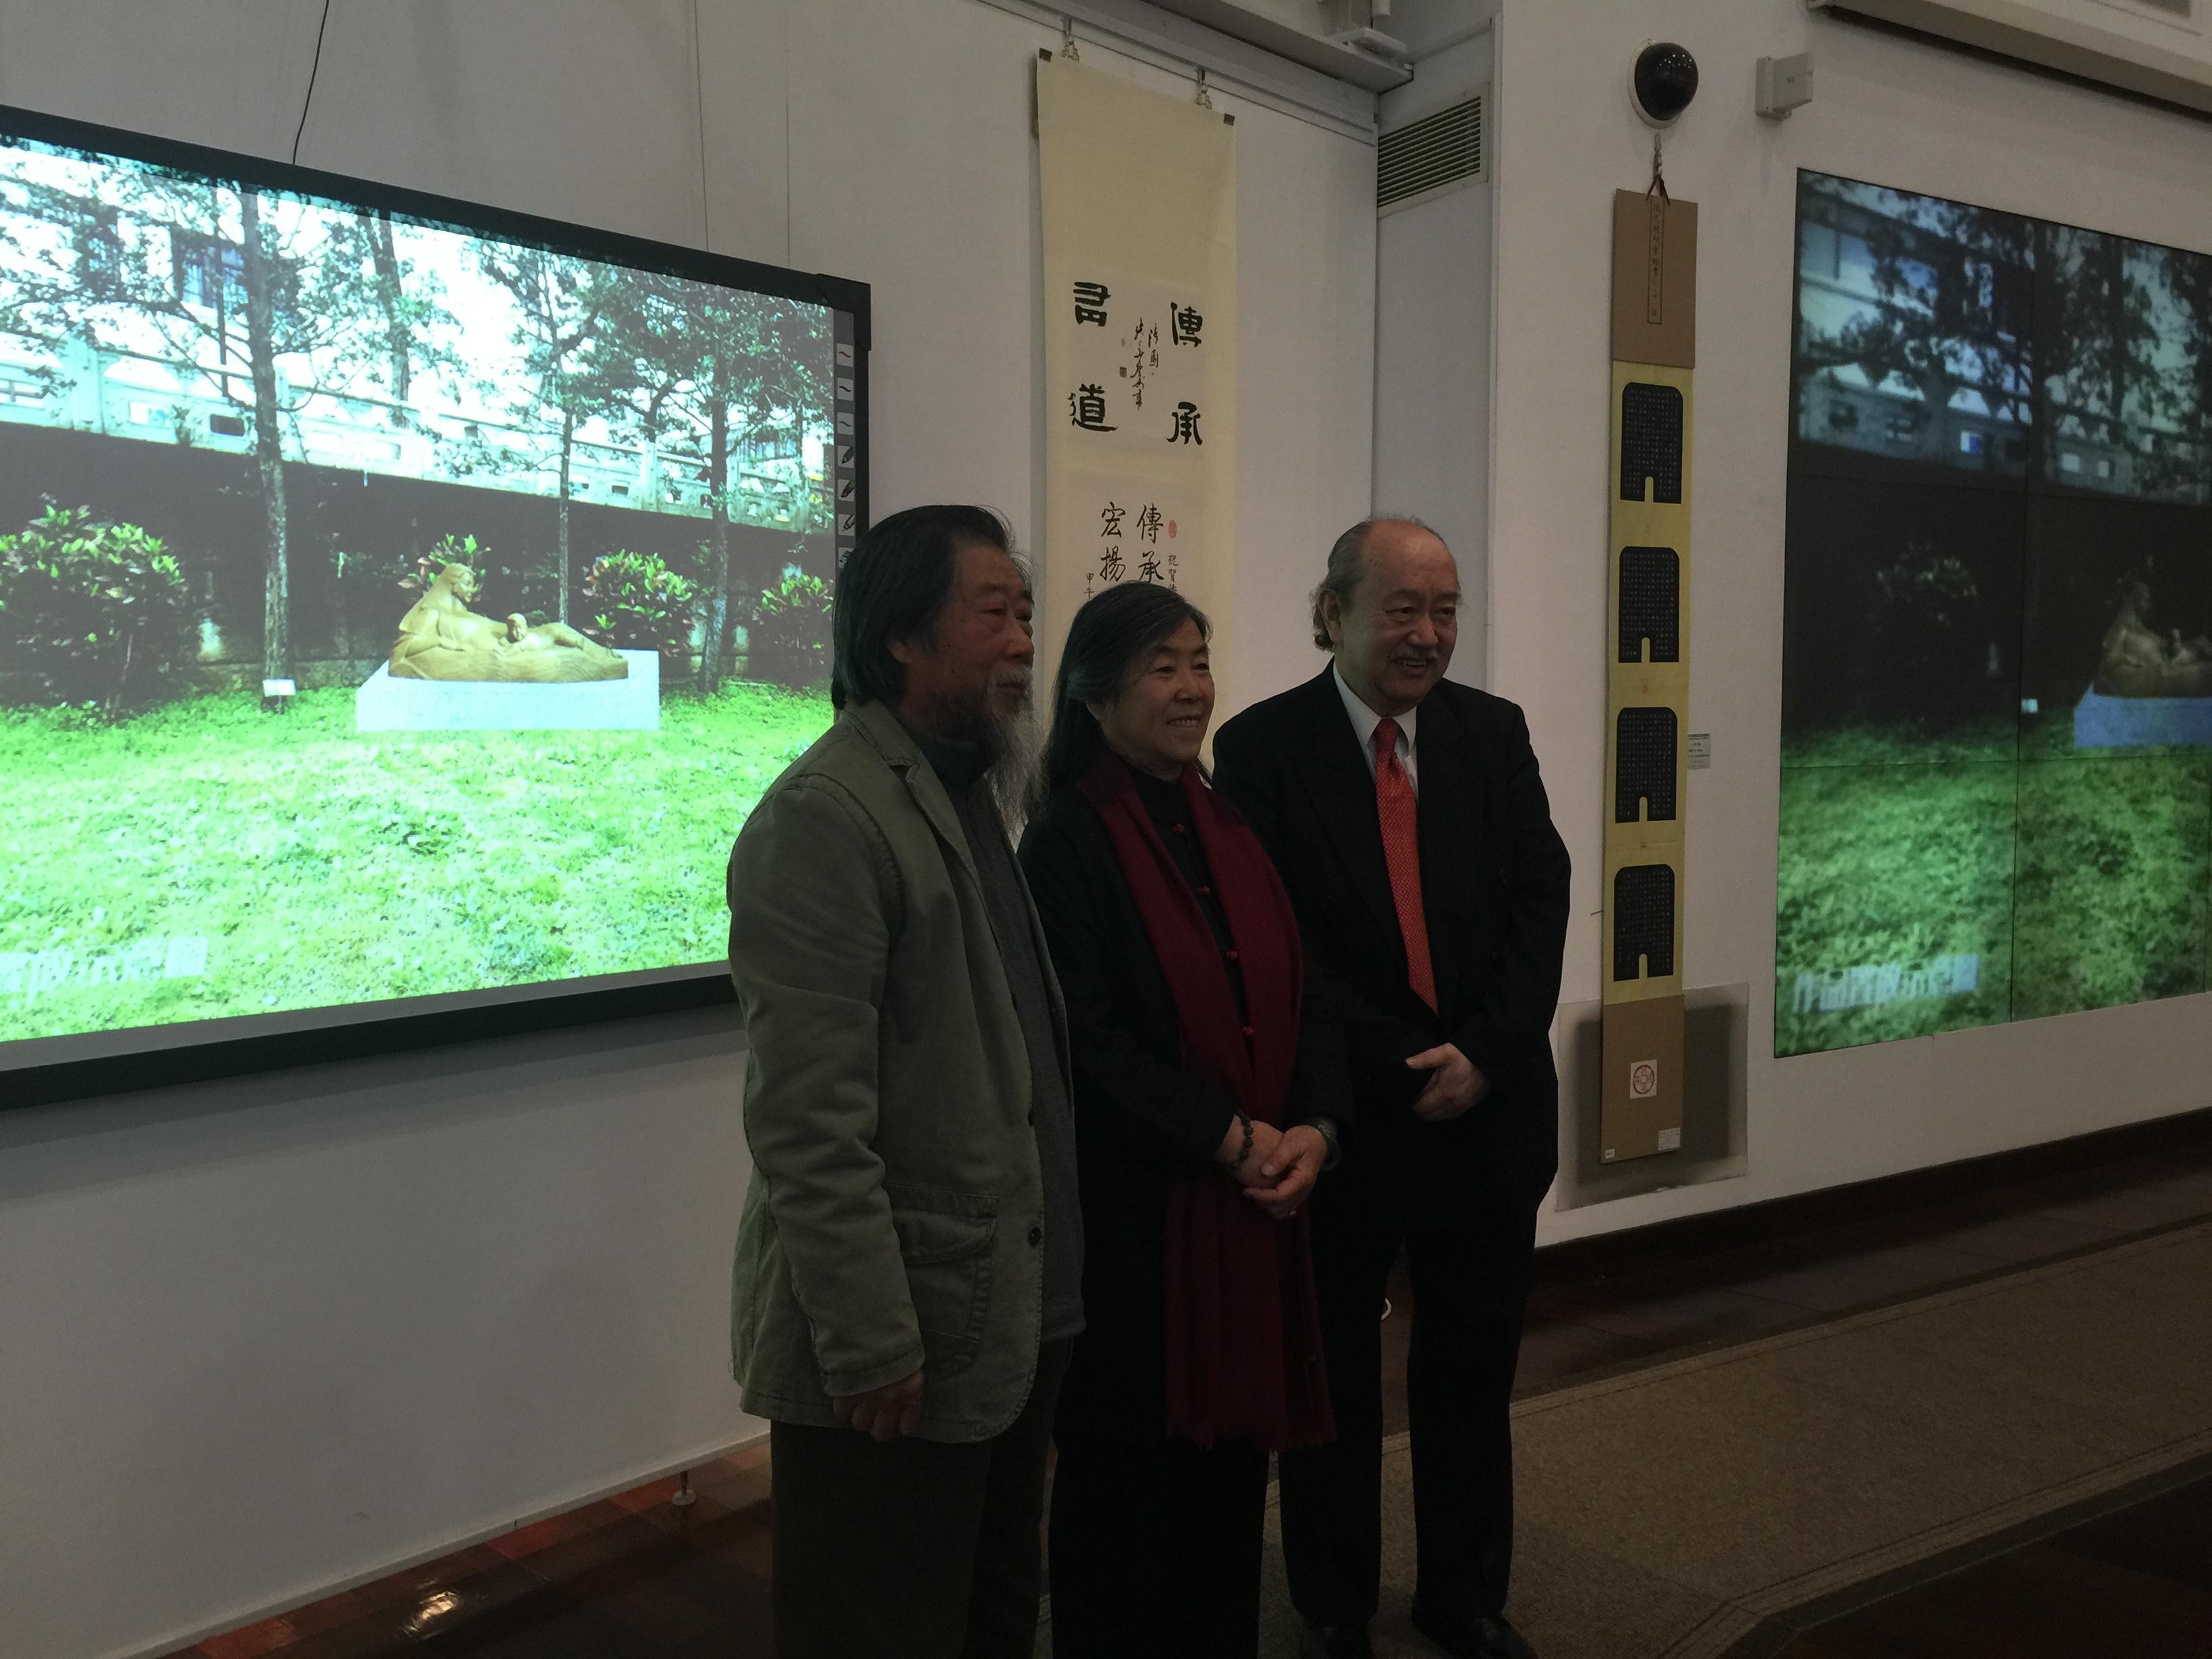 《黄河母亲》台湾淡江大学捐赠仪式现场 (5)